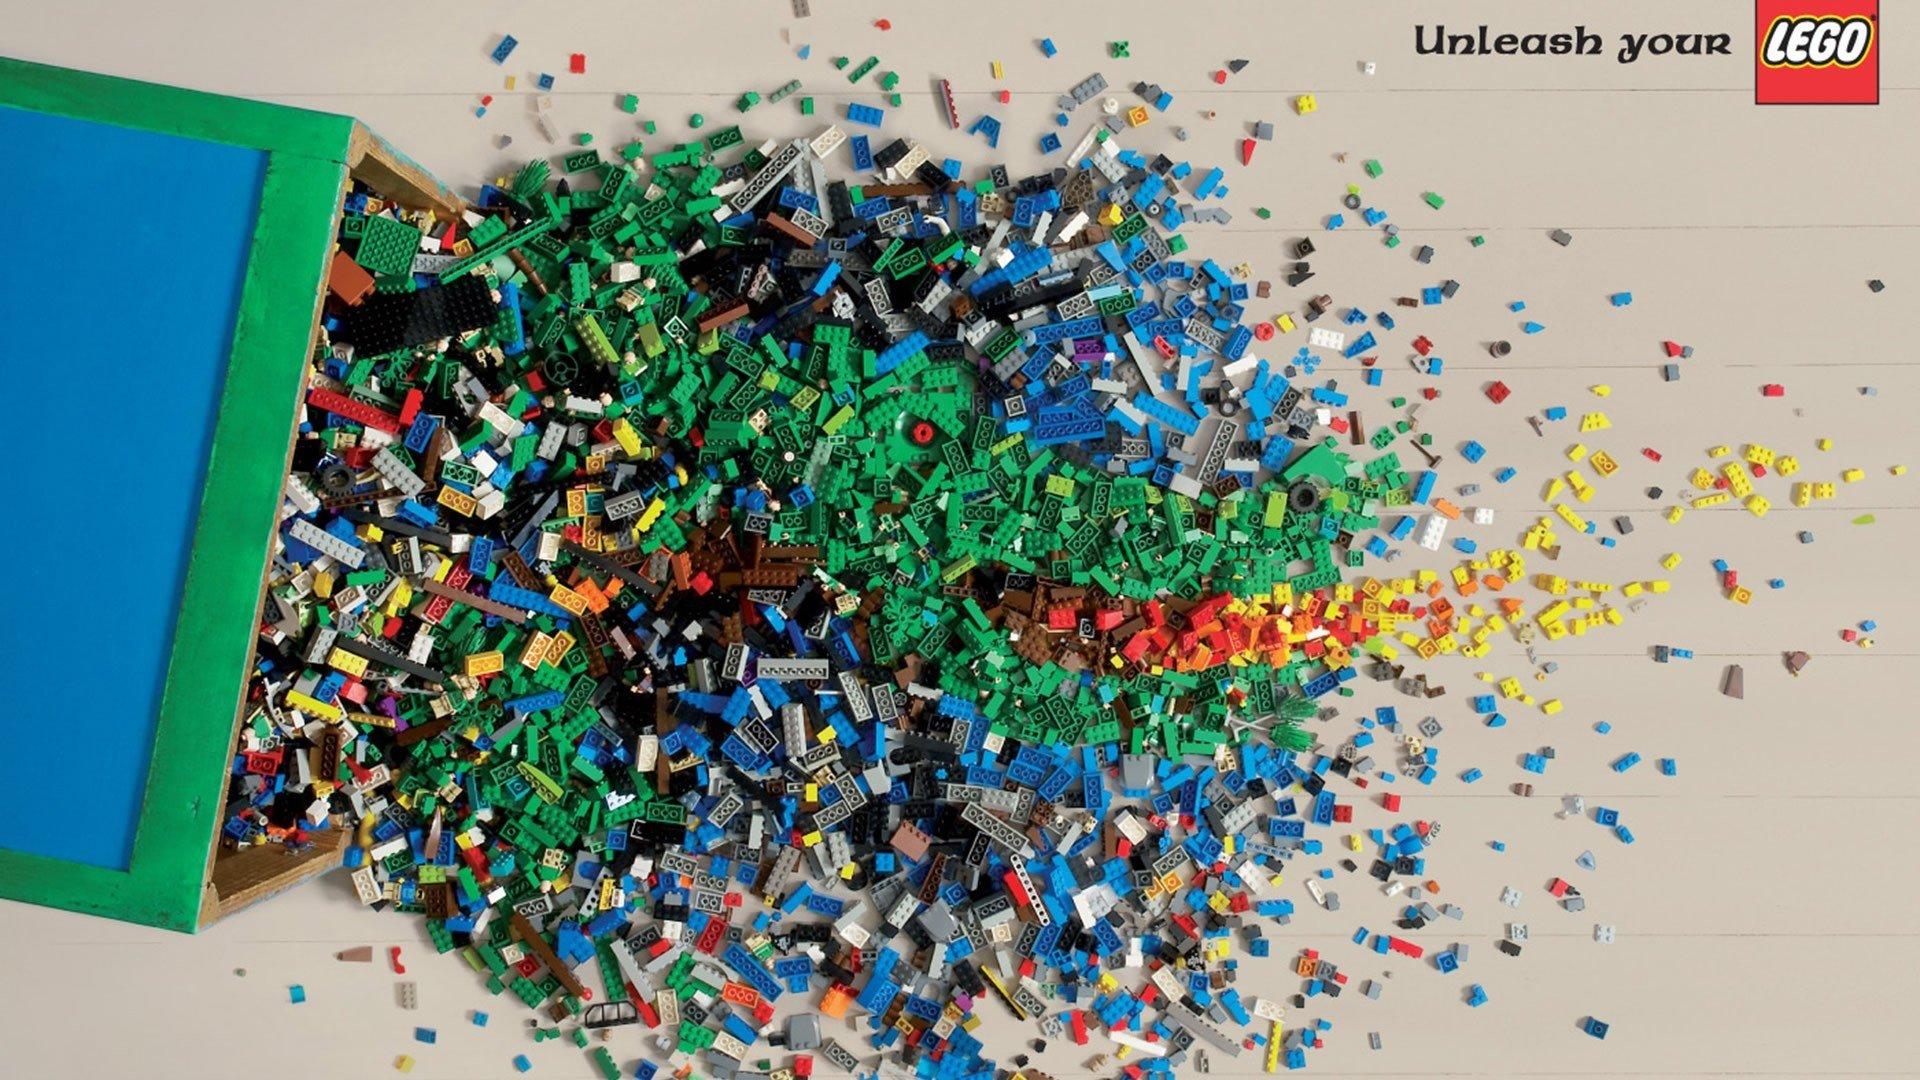 Lego clipart childrens toy WallpaperUP (children) children fun childhood